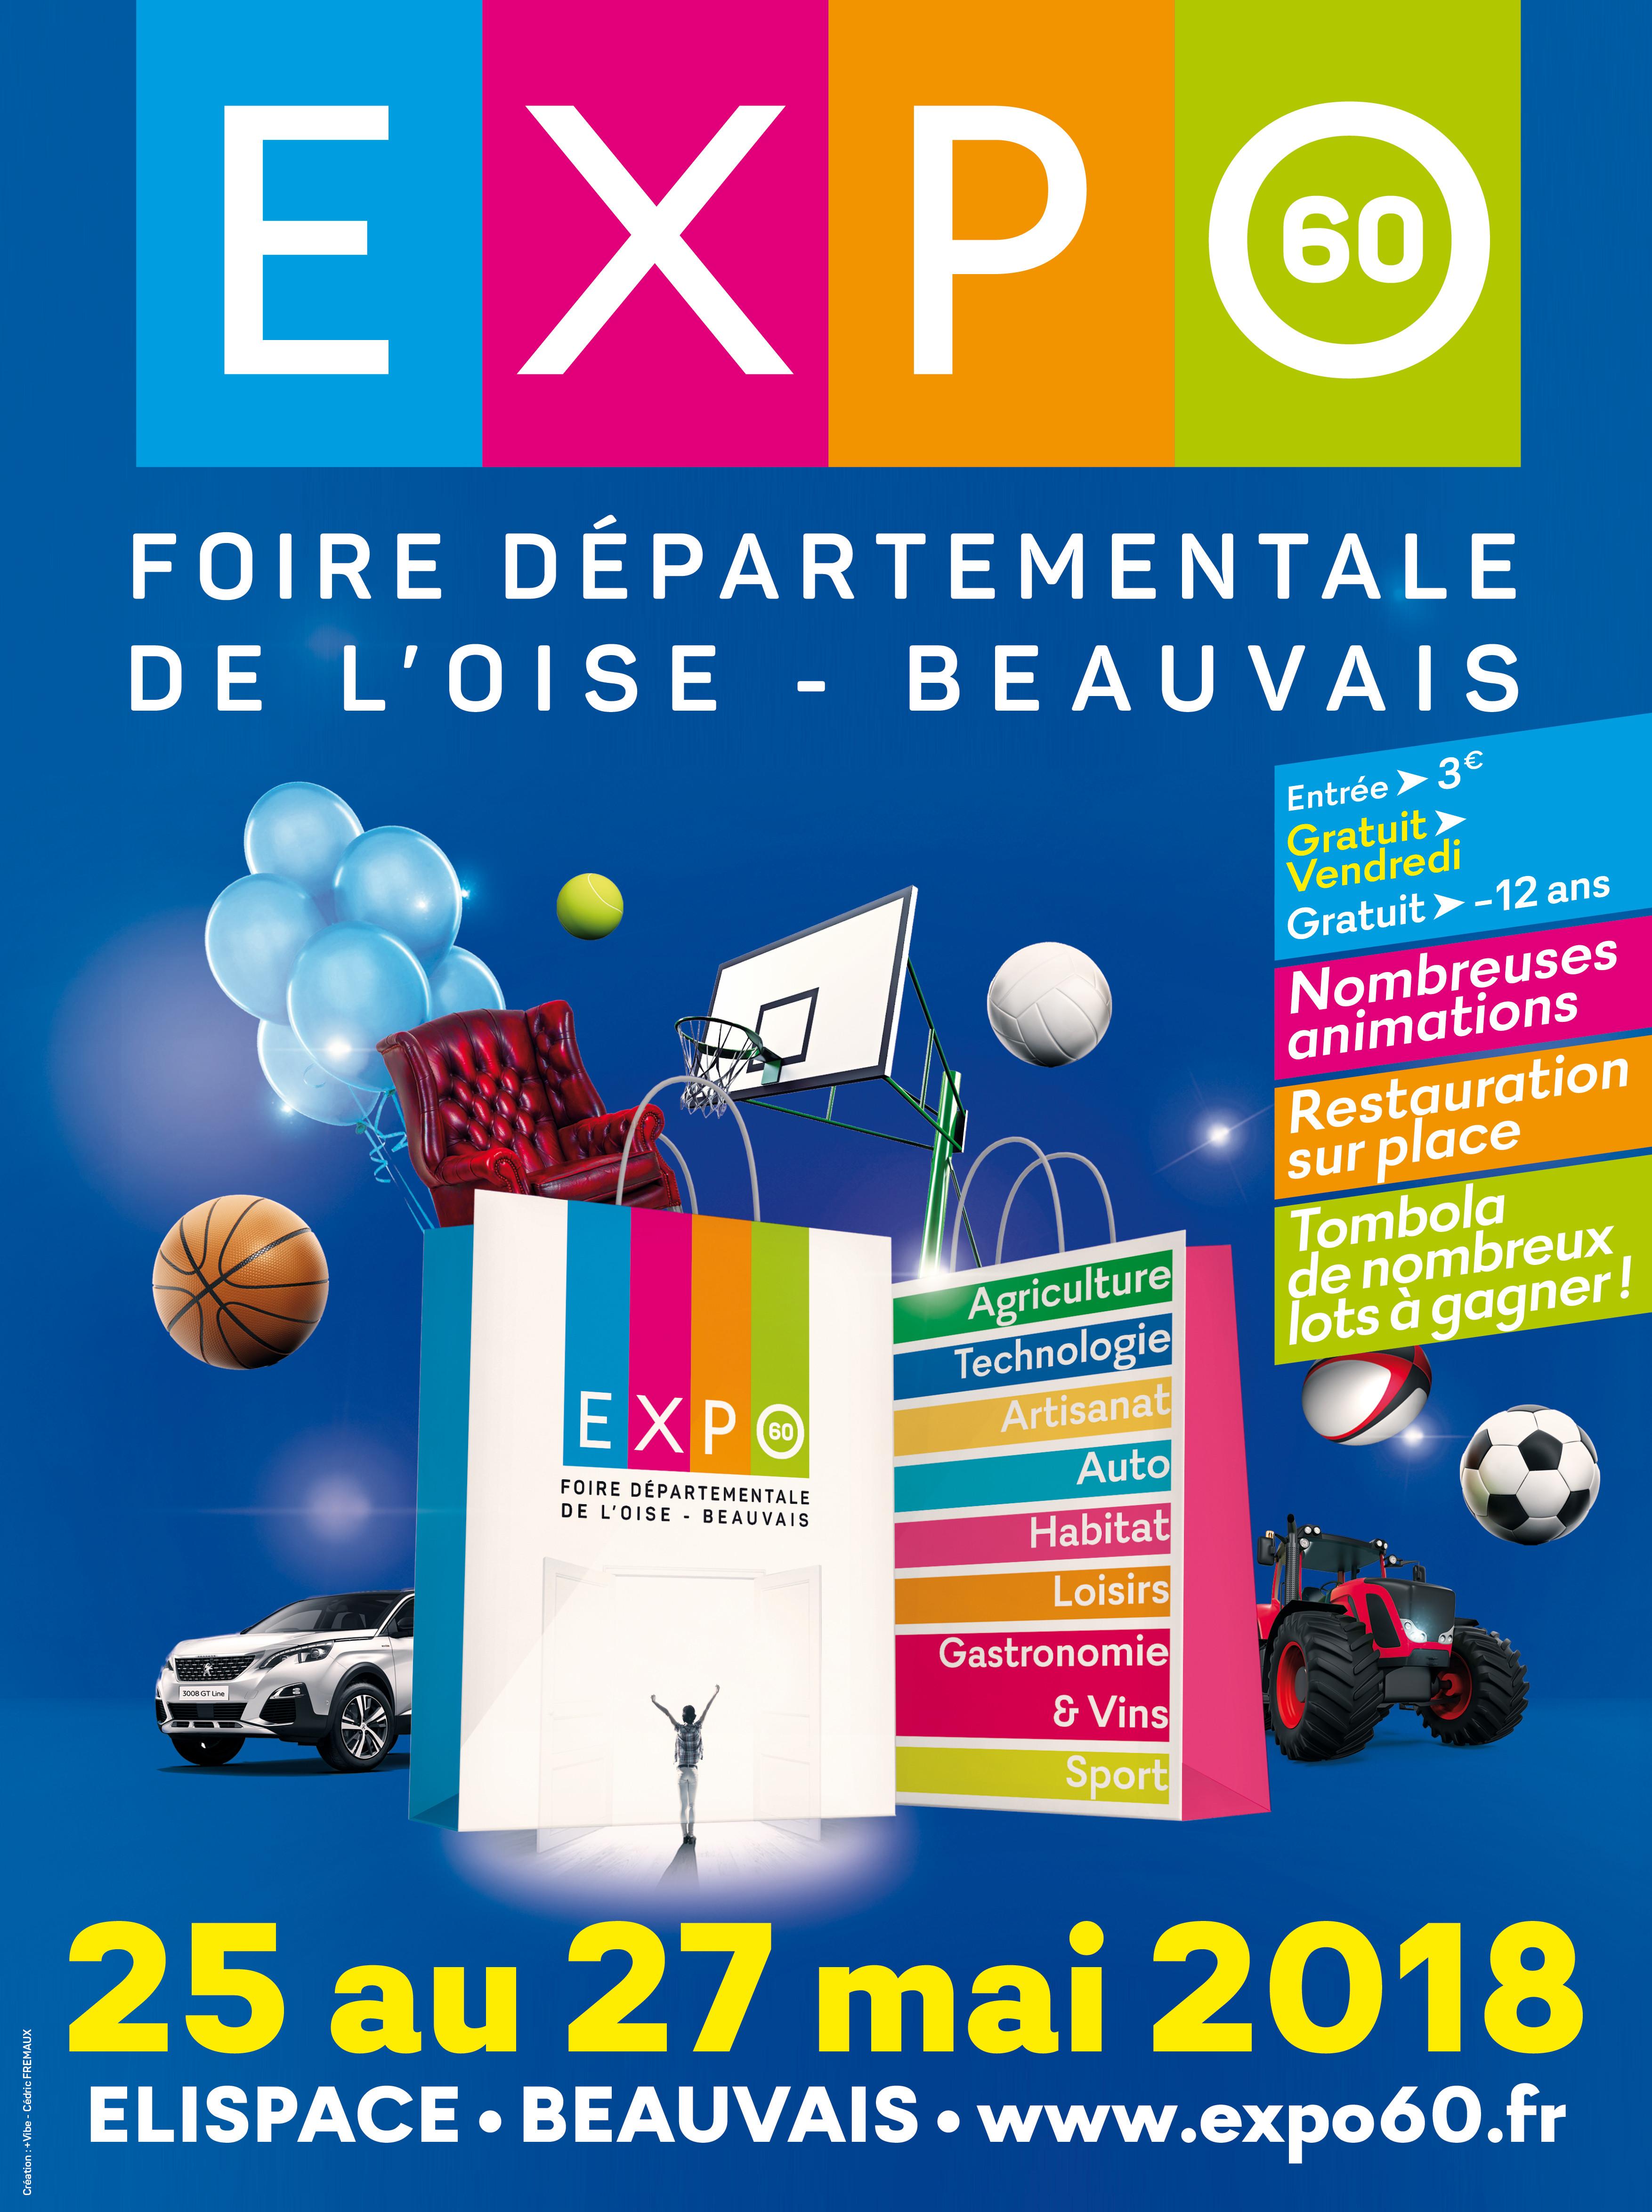 Expo 60 foire exposition oise expo 60 foire exposition d partementale de l 39 oise 2018 - Entree gratuite foire de lyon 2017 ...